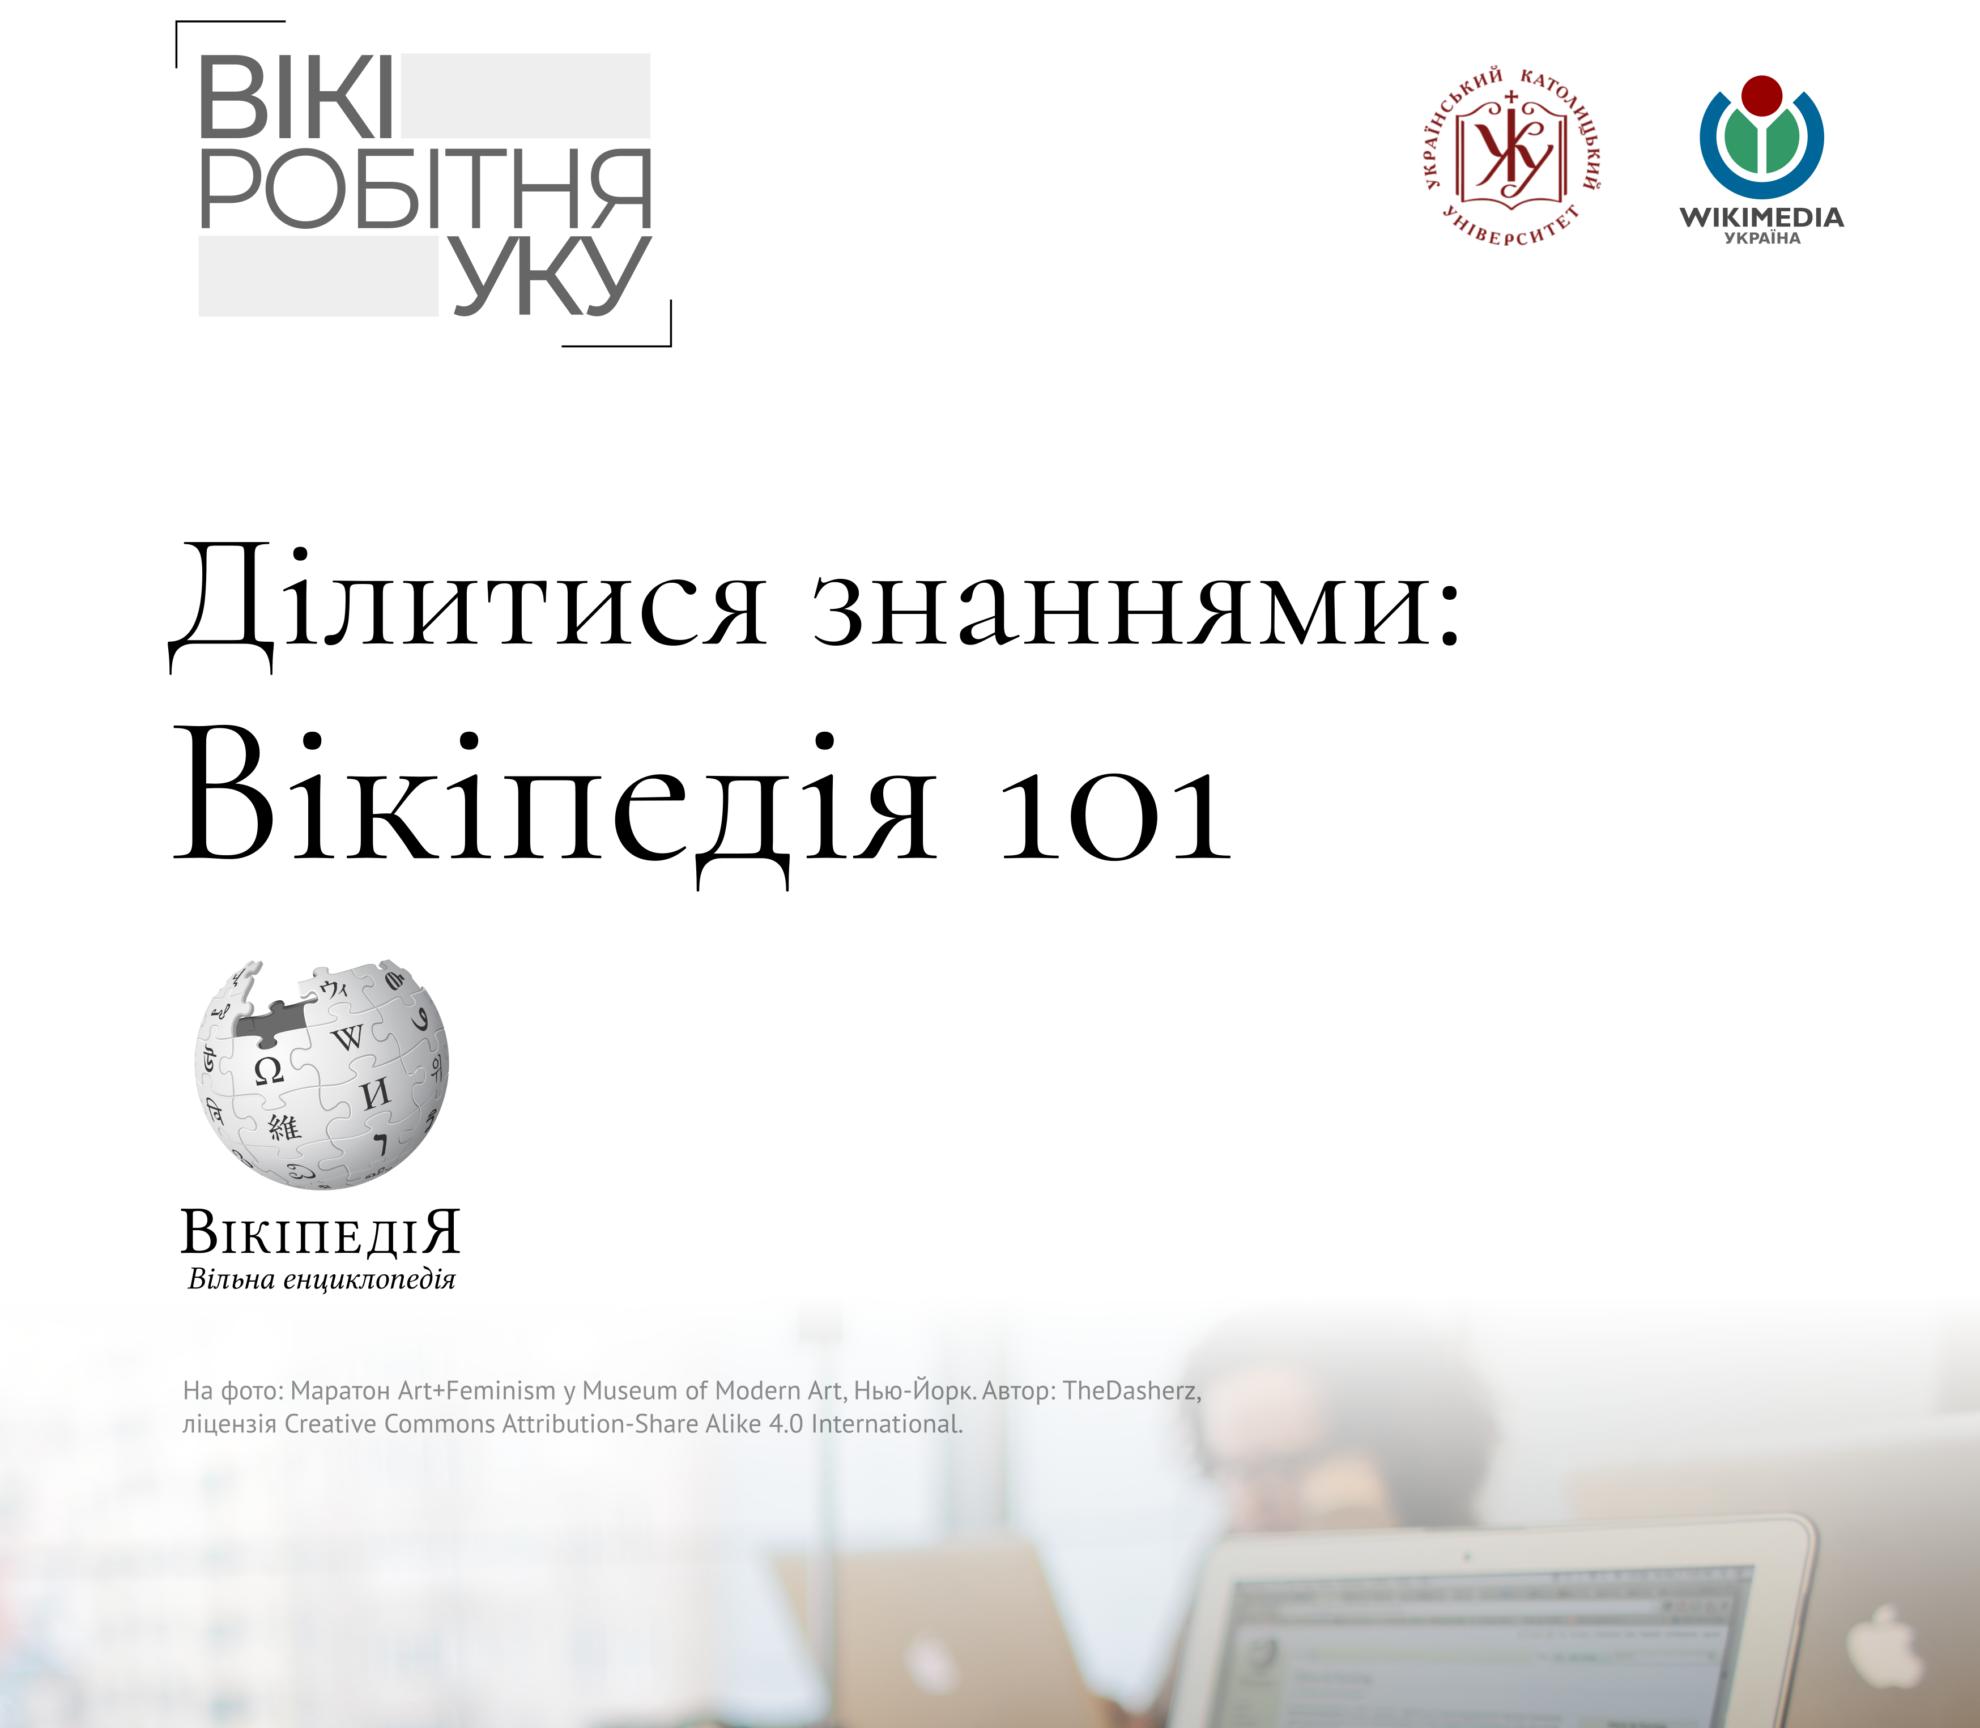 Вікіробітня УКУ